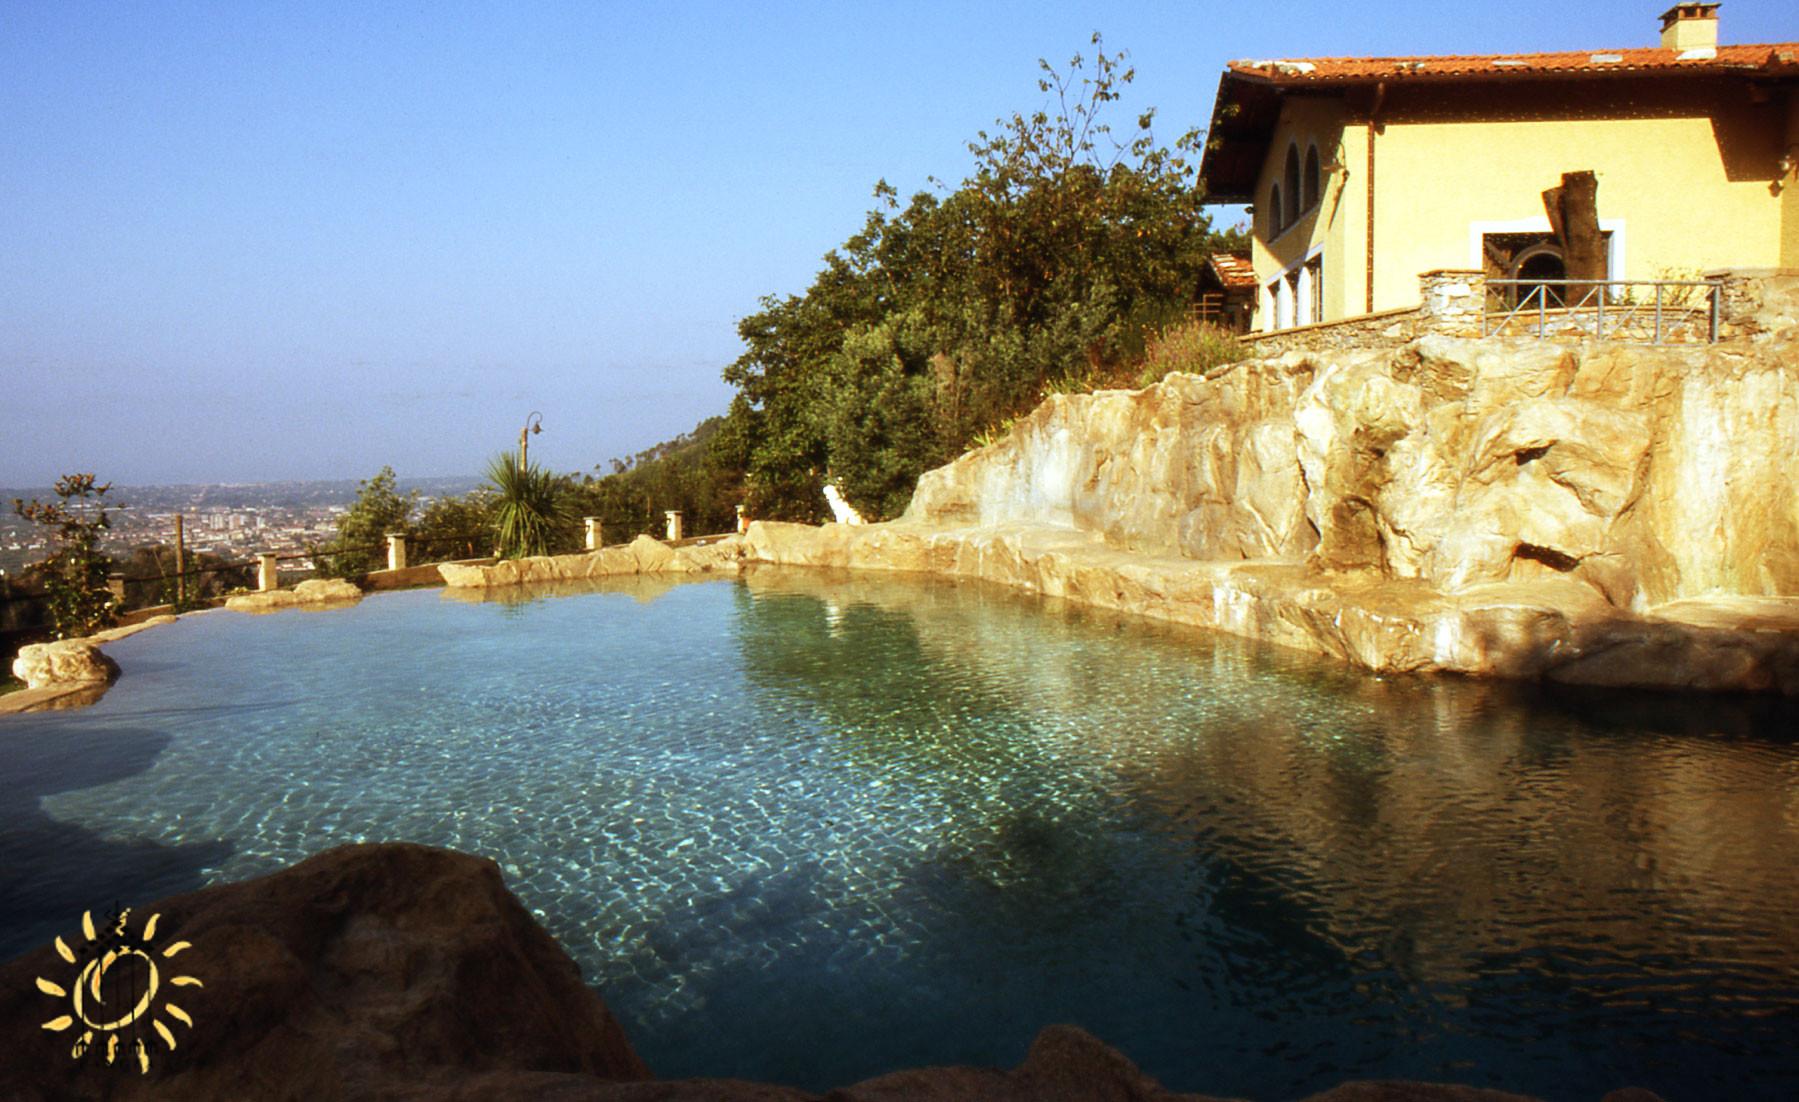 la grande piscina di roccia locale, alimentata con l'acqua raccolta dalle coperture